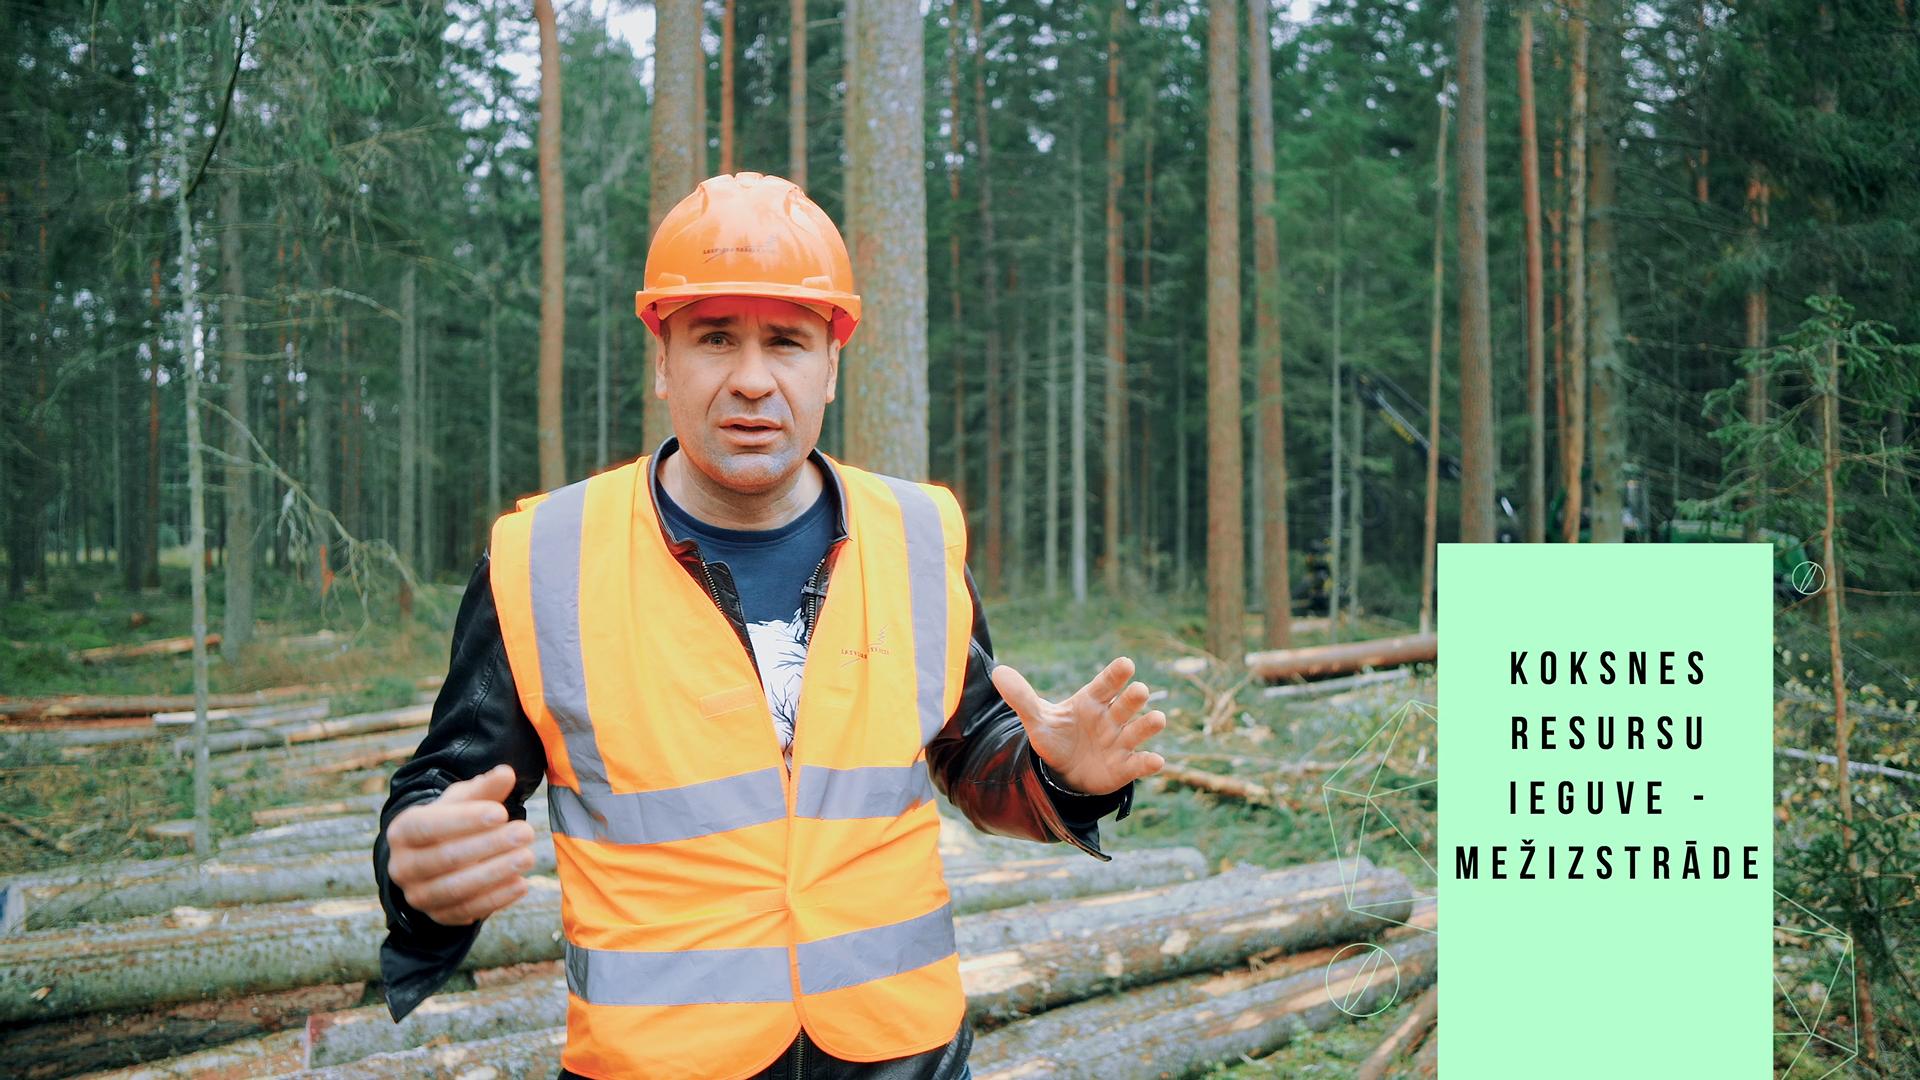 Koksnes resursu ieguve mežistrādē